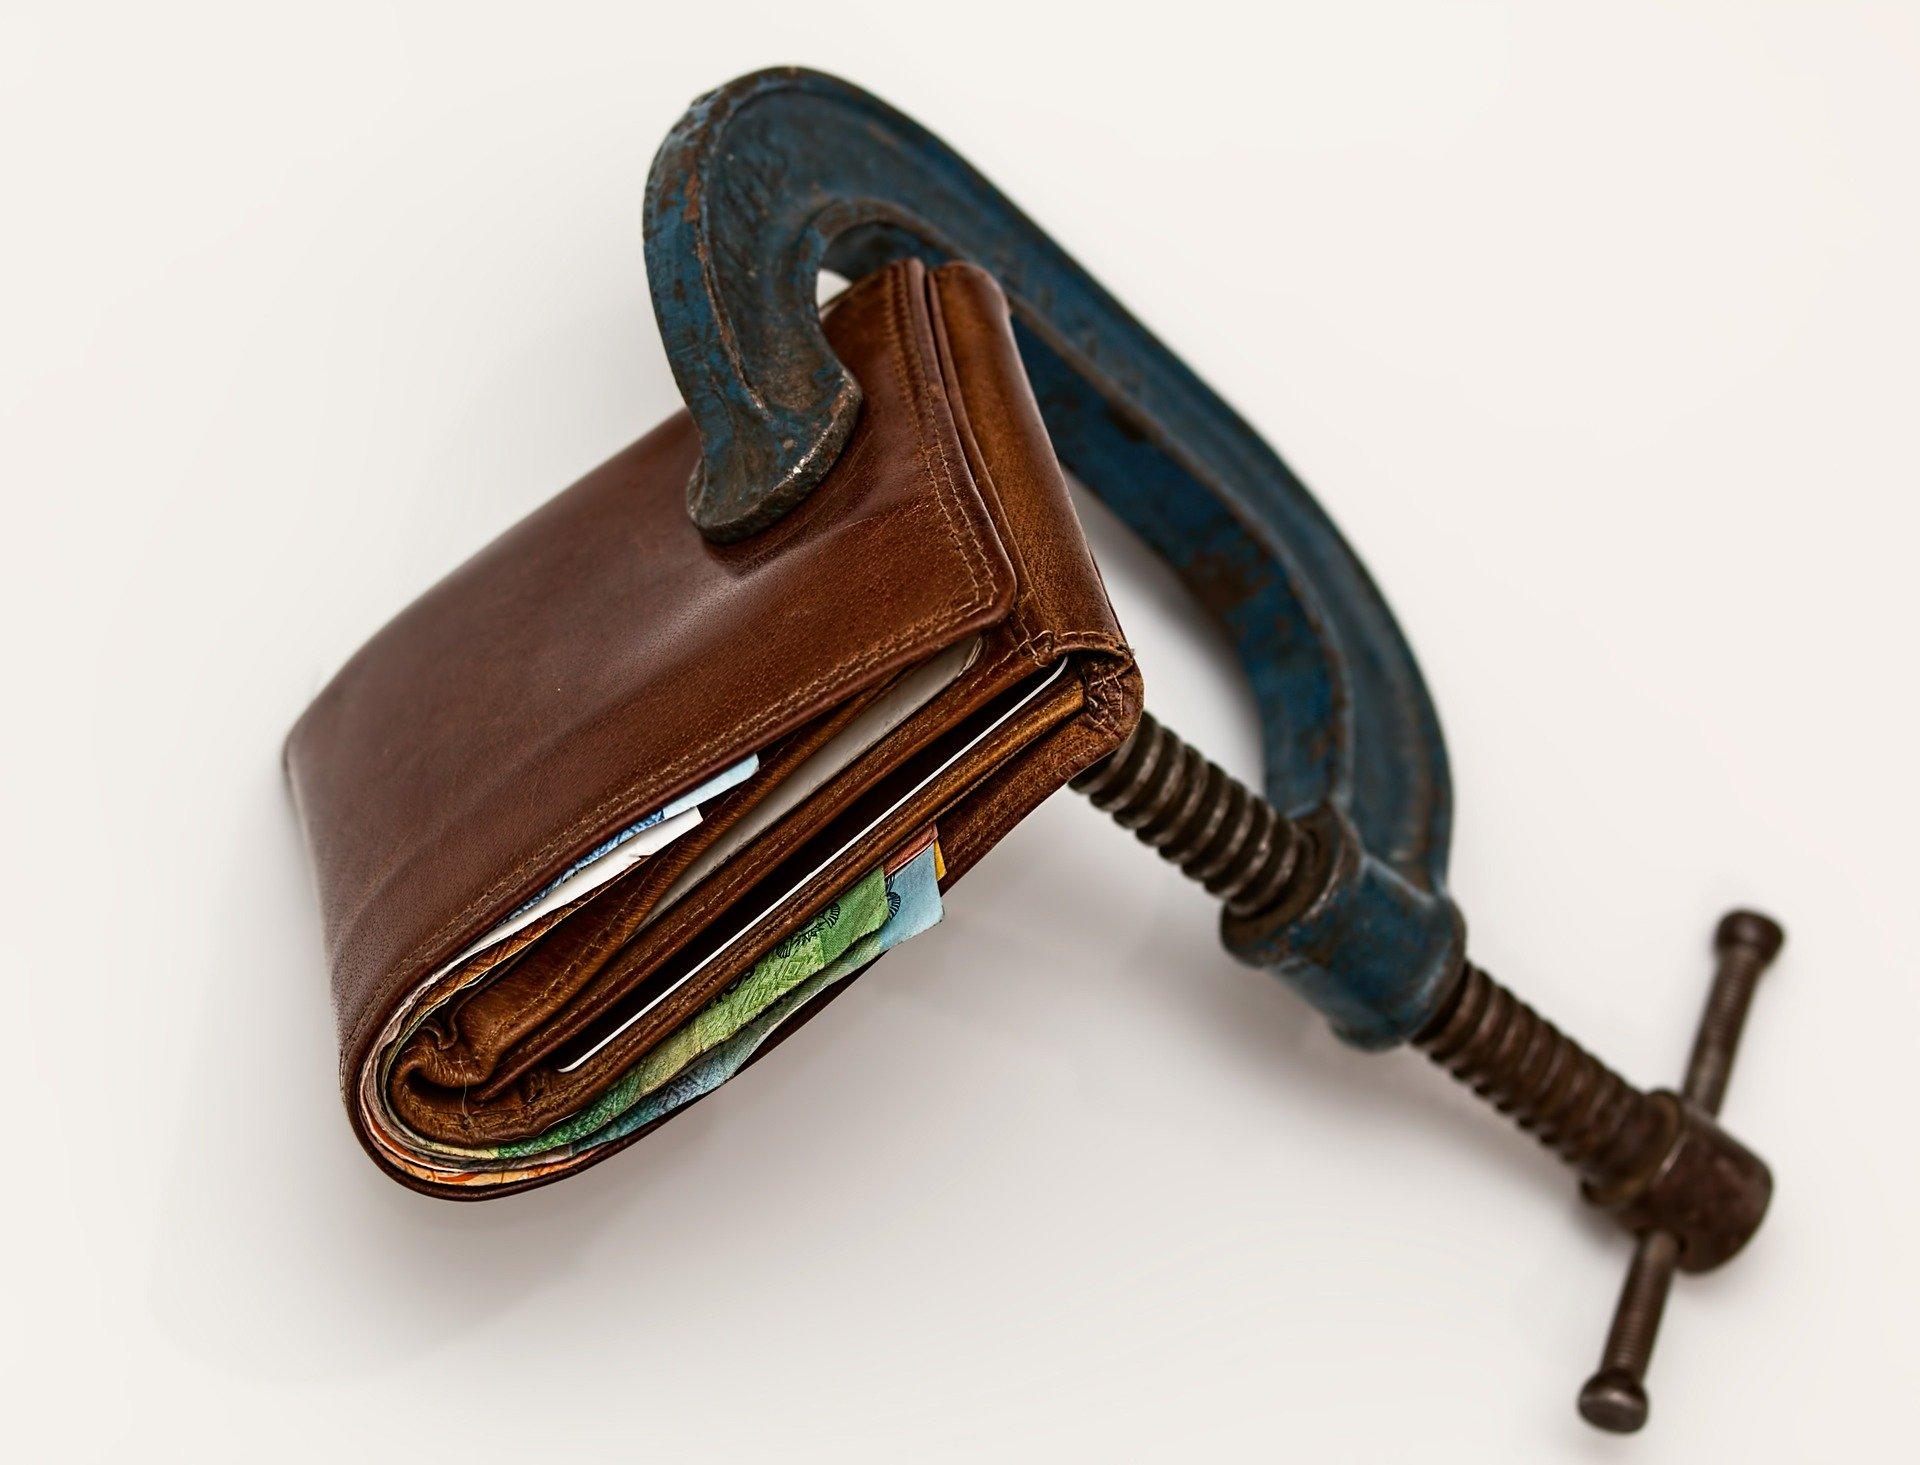 Kwijtschelding schulden